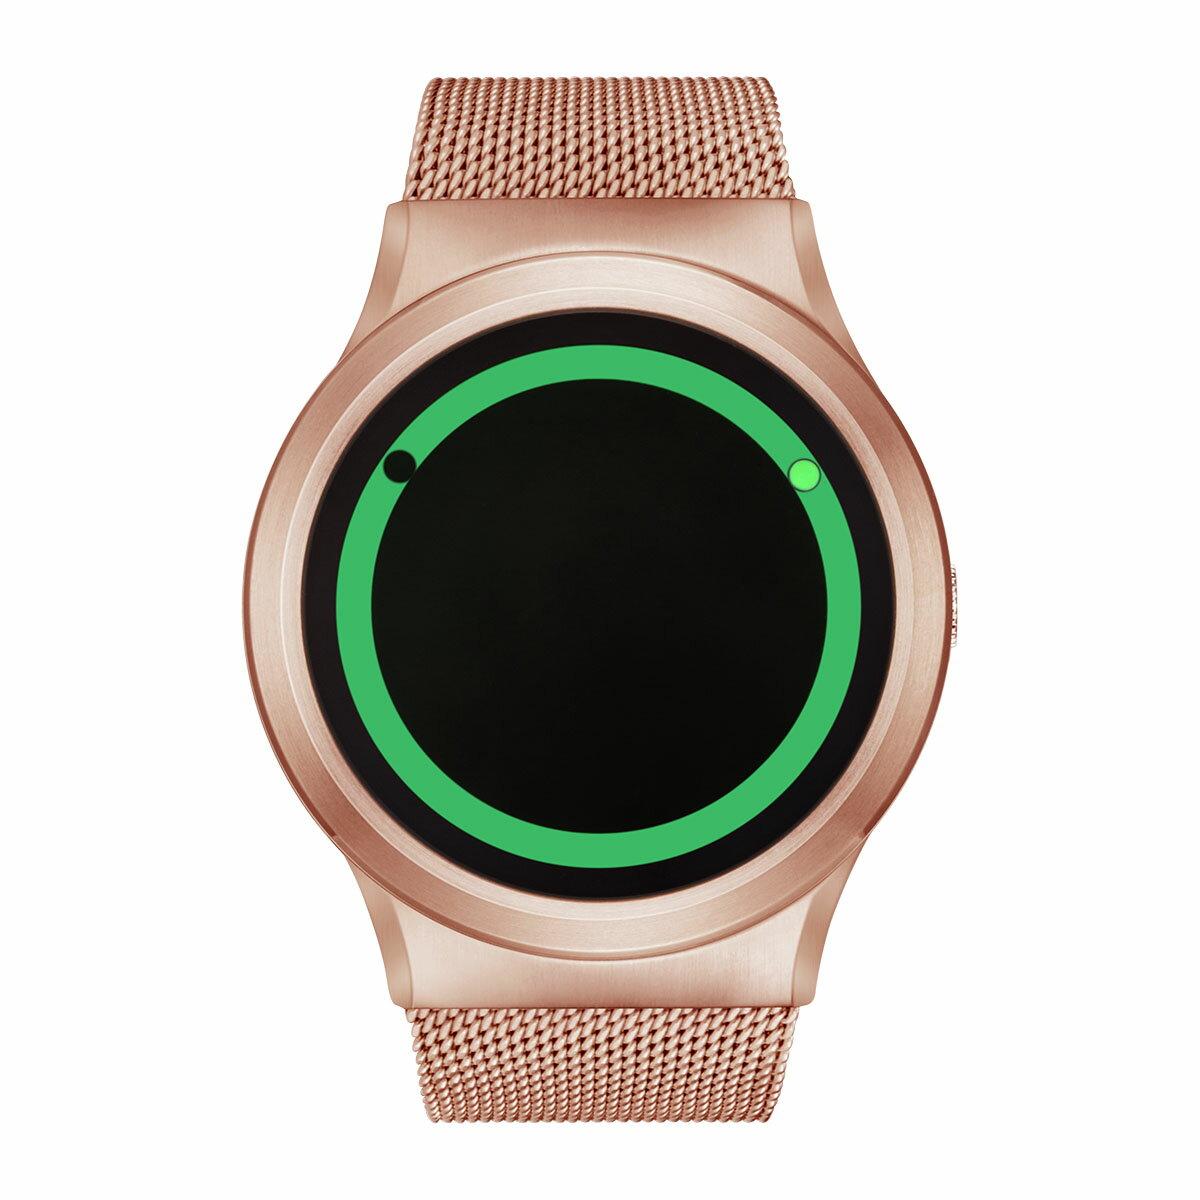 ZEROO PLANET ECLIPSE ゼロ 電池式クォーツ 腕時計 [W13028B05SM05] グリーン デザインウォッチ ペア用 メンズ レディース ユニセックス おしゃれ時計 デザイナーズ